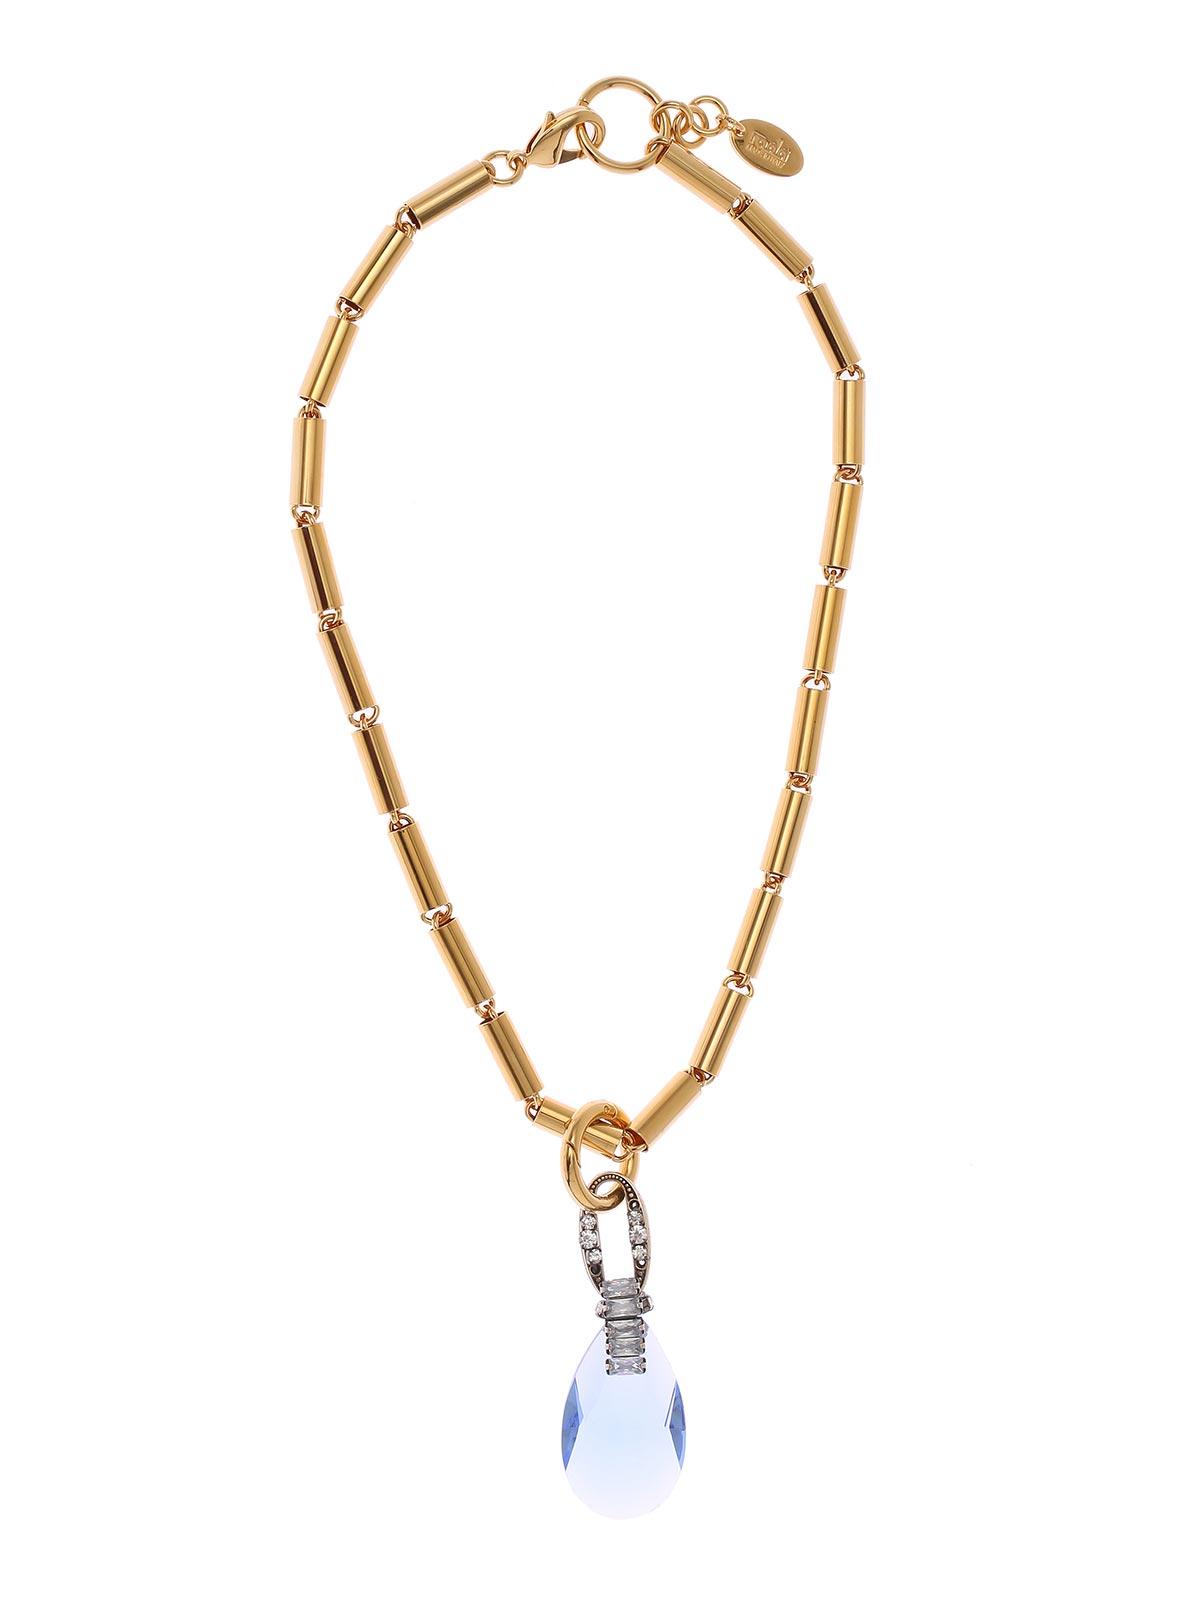 Collana a catena in ottone con tubi in metallo e pendente gioiello